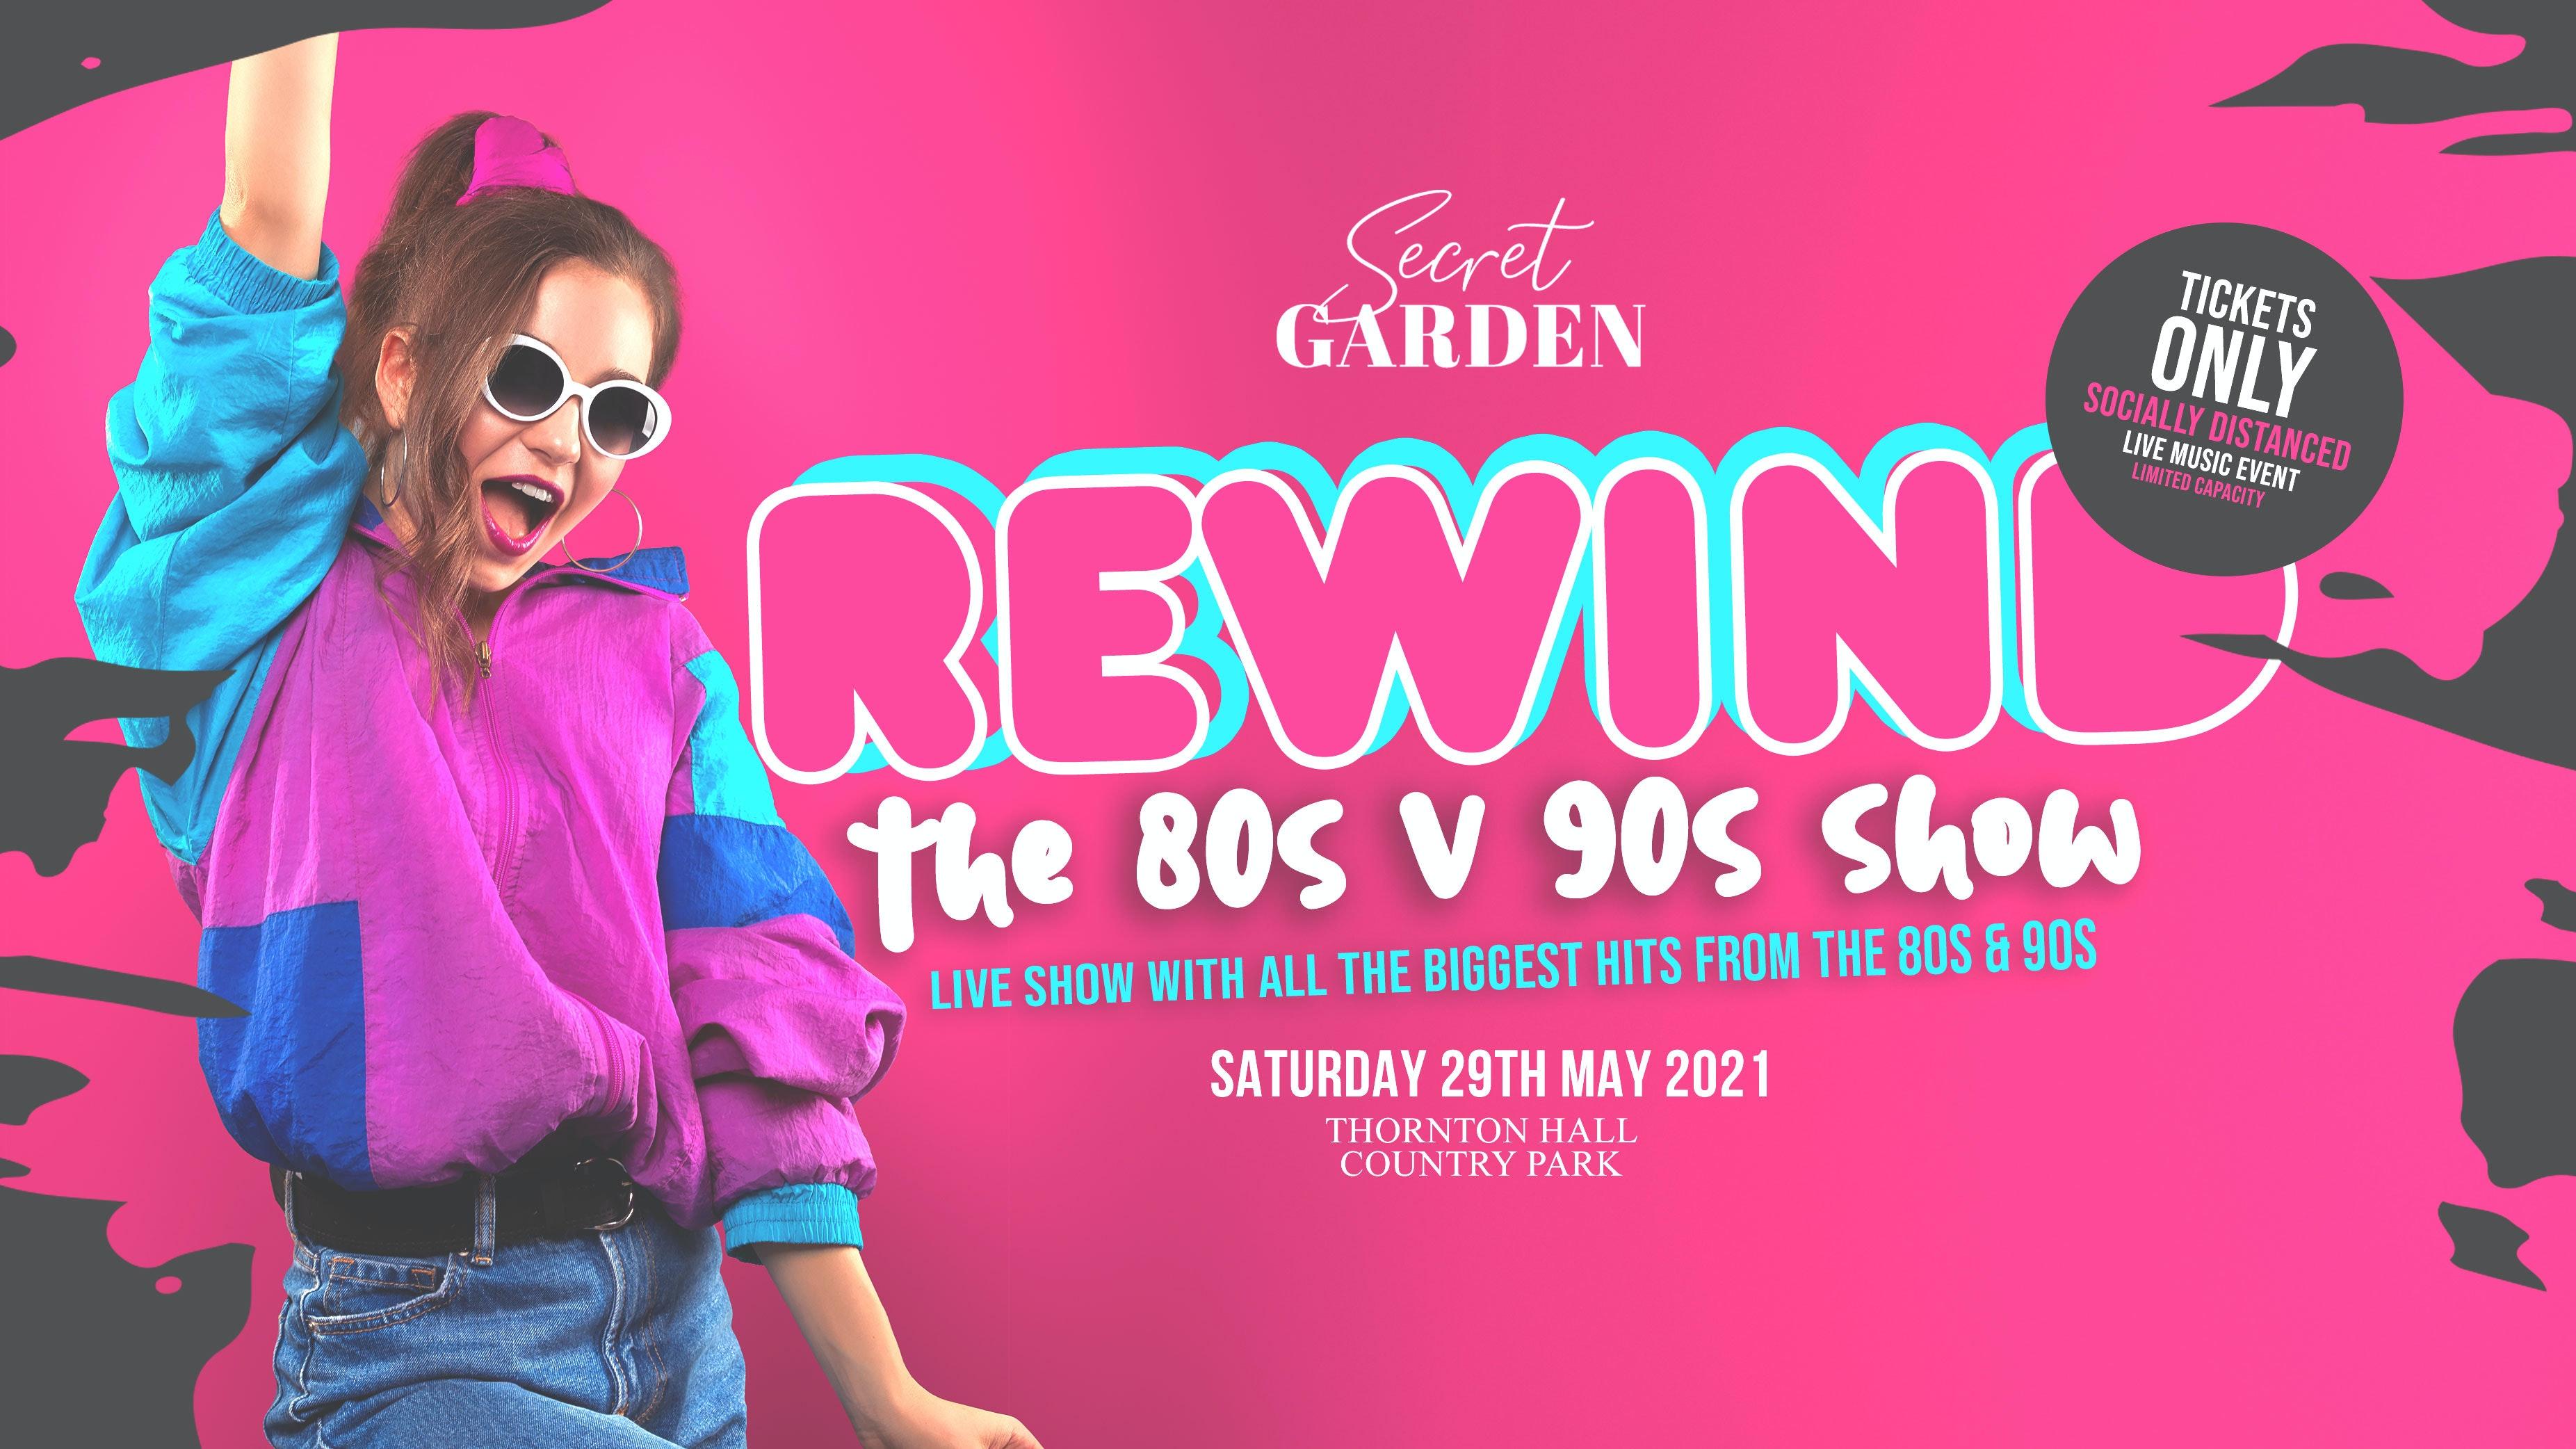 Secret Garden Rewind – 80s & 90s Show